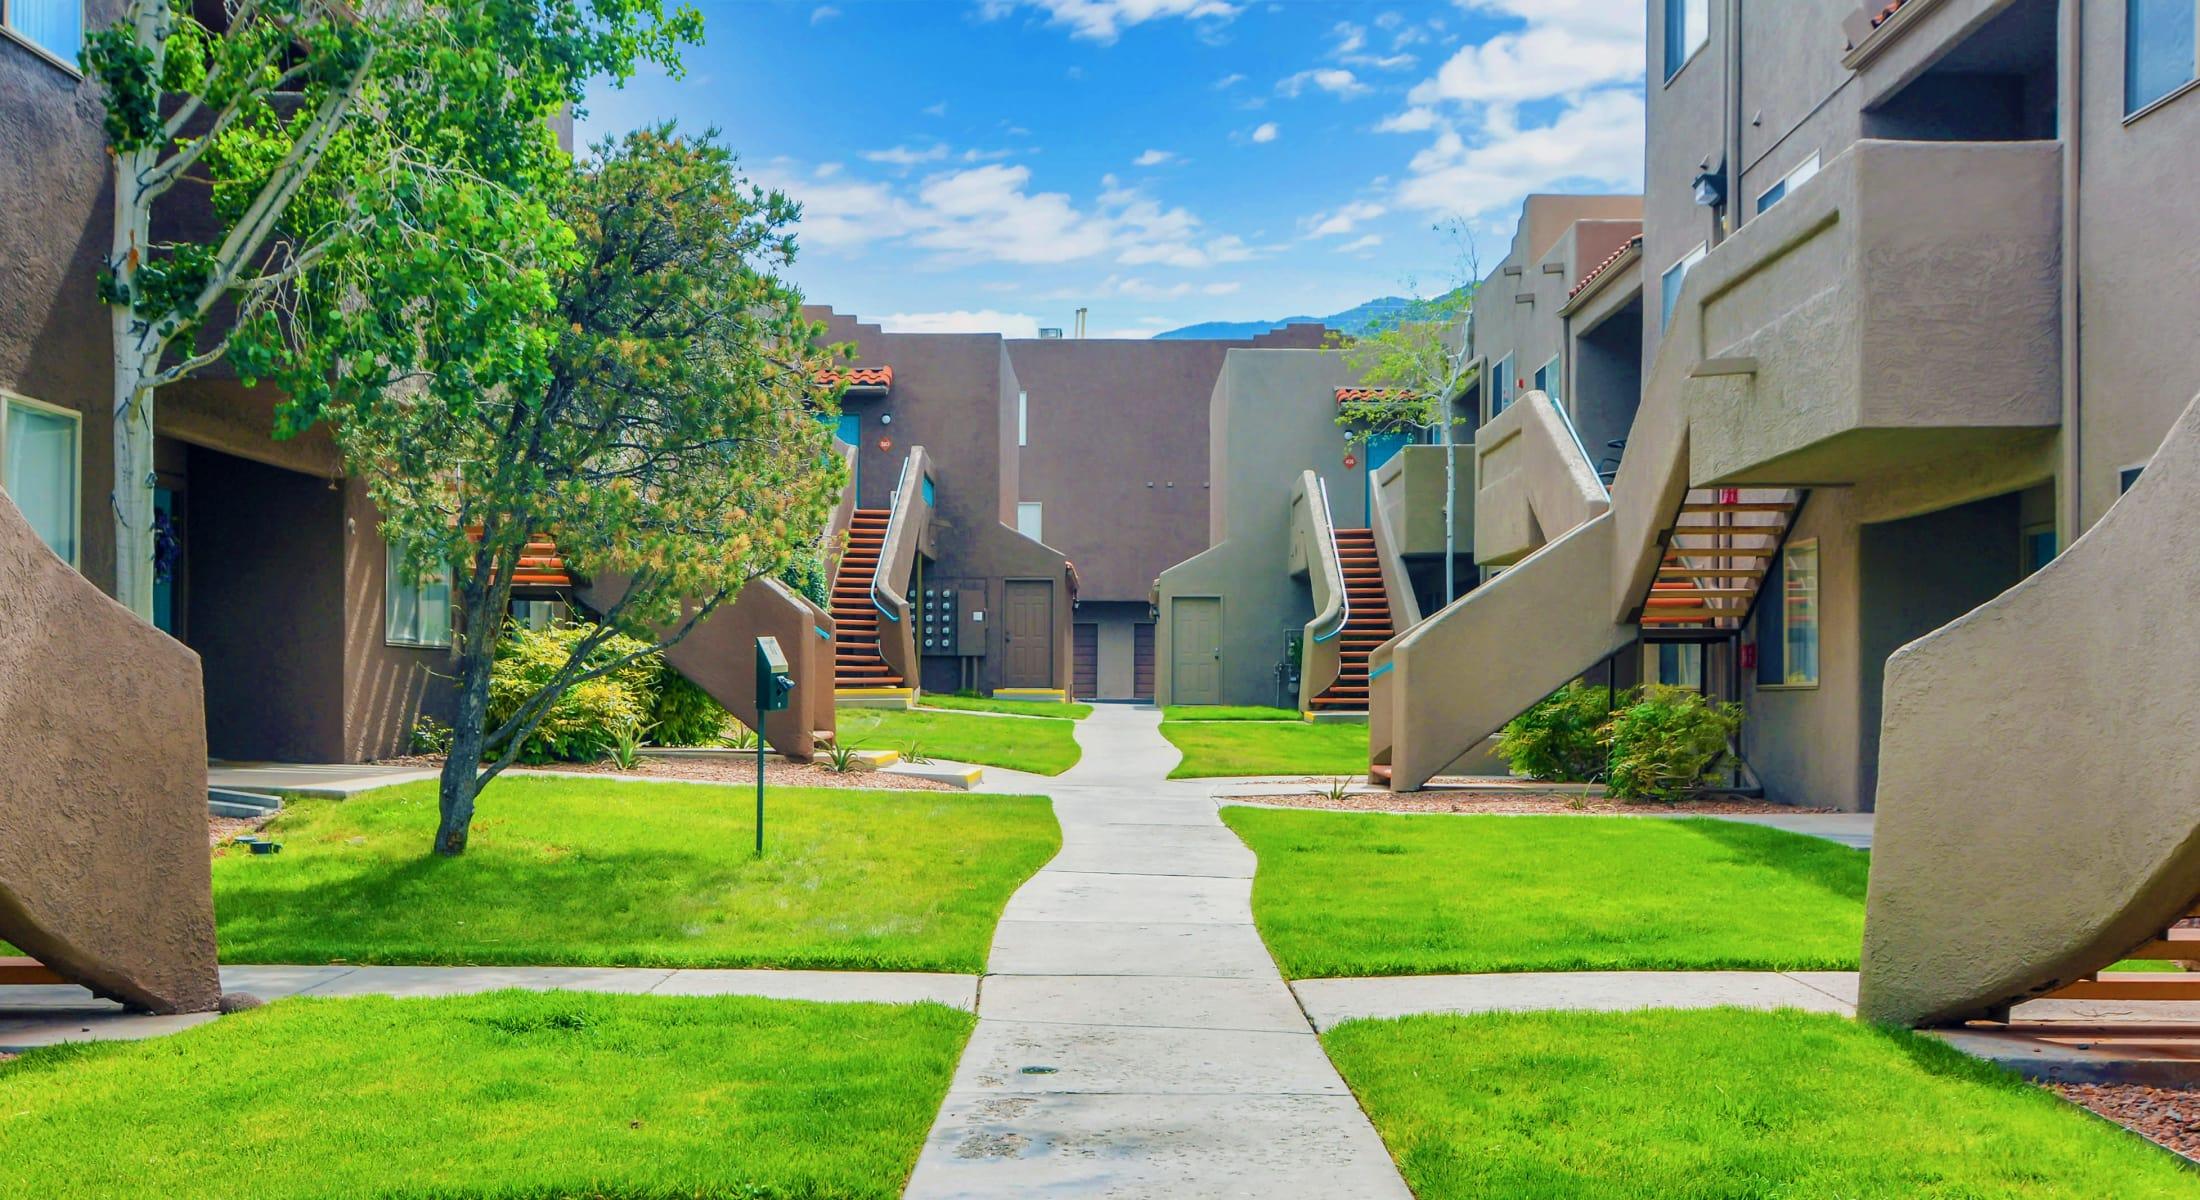 Albuquerque nm apartments las kivas apartments - 3 bedroom apartments in albuquerque ...